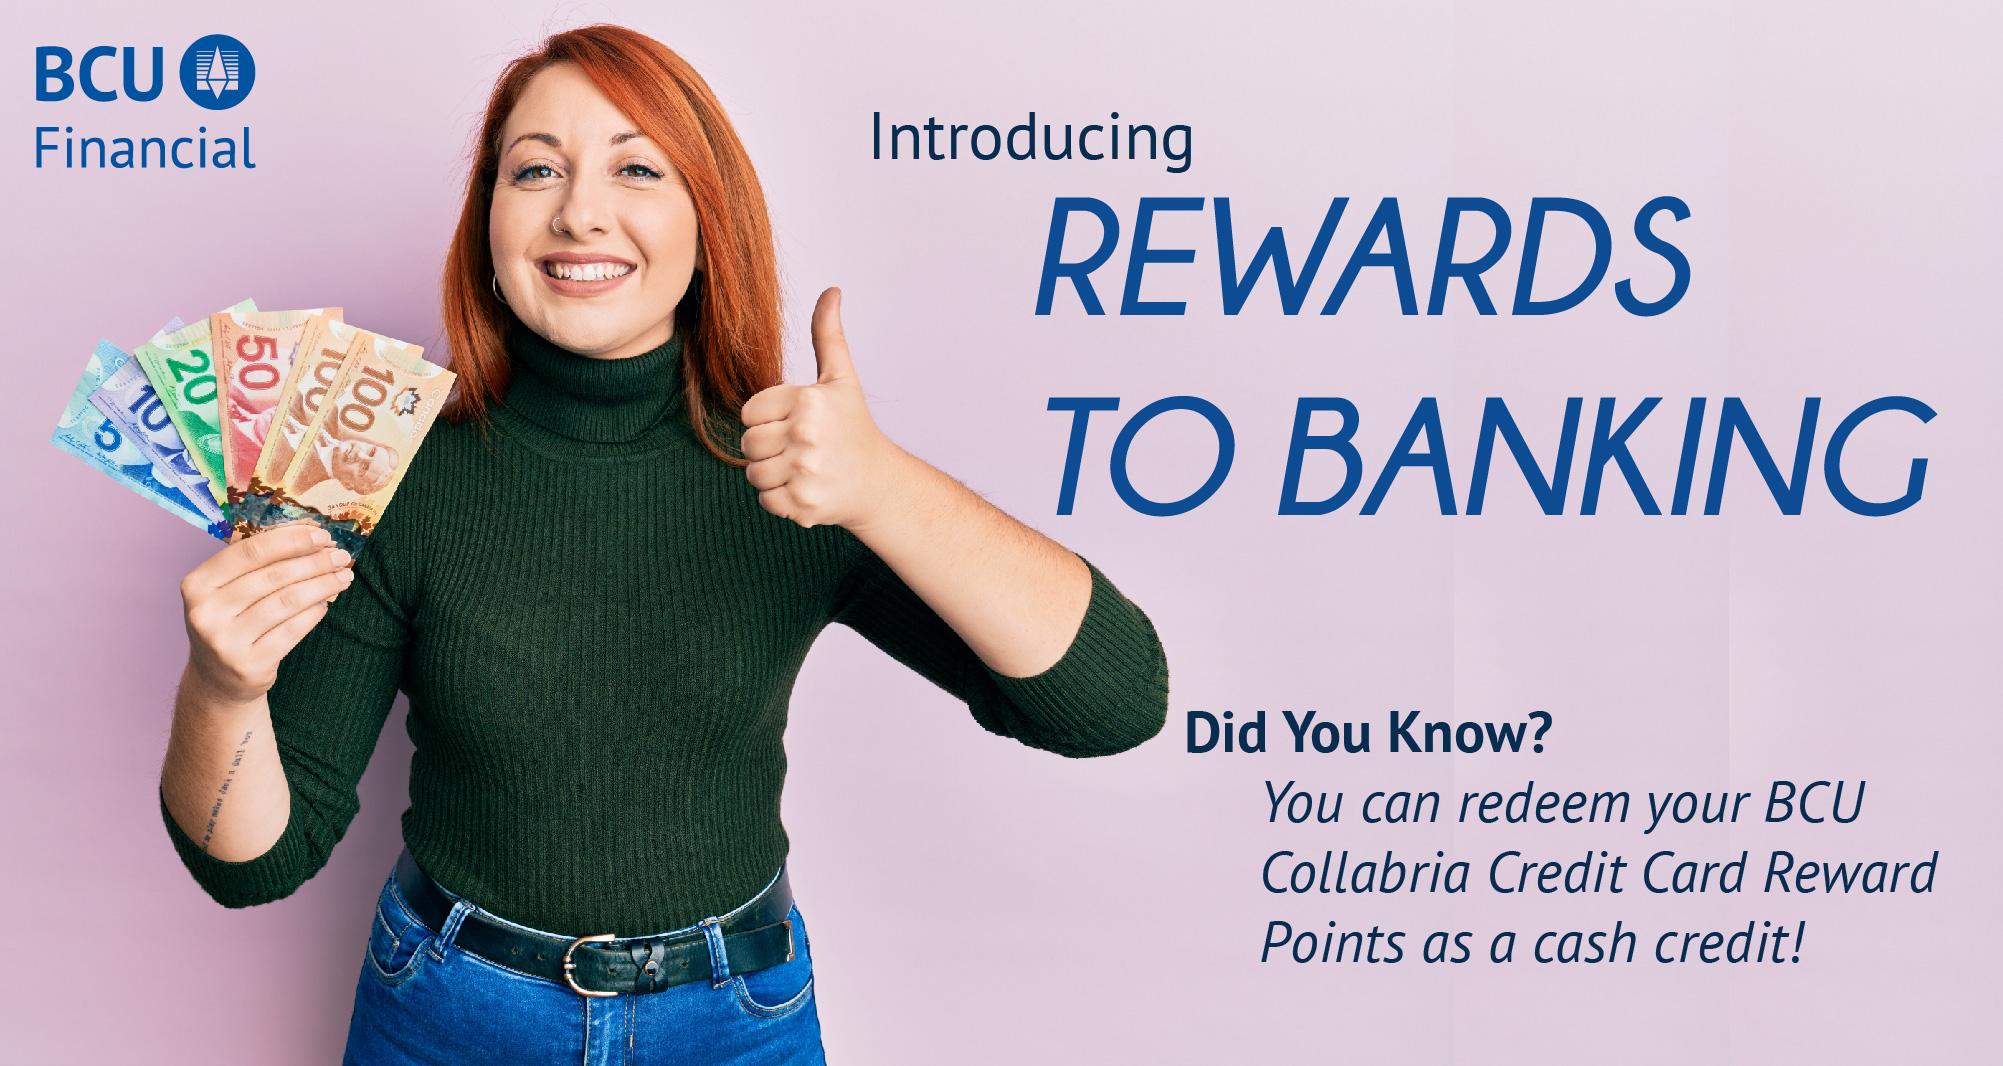 BCU Rewards to Banking